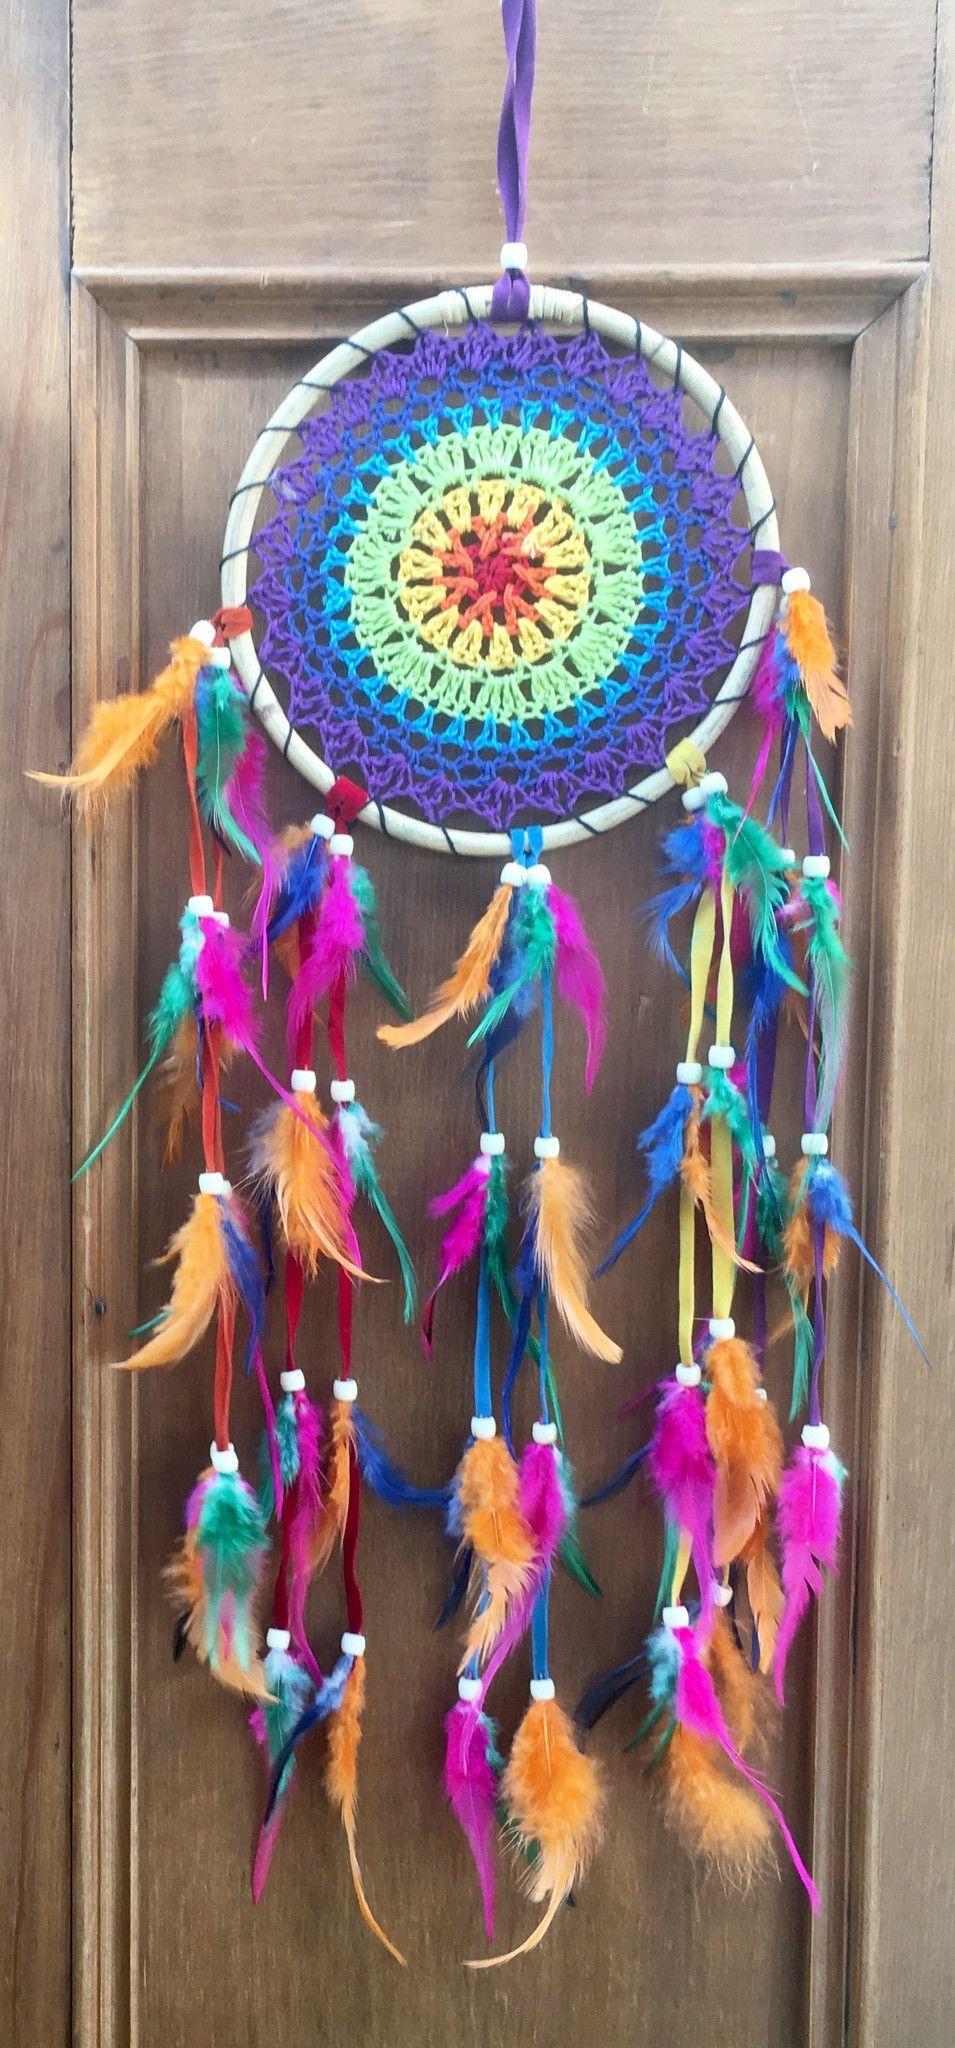 Rainbow Ratan Crochet Dreamcatcher   Hochzeit deko, Traumfänger und ...